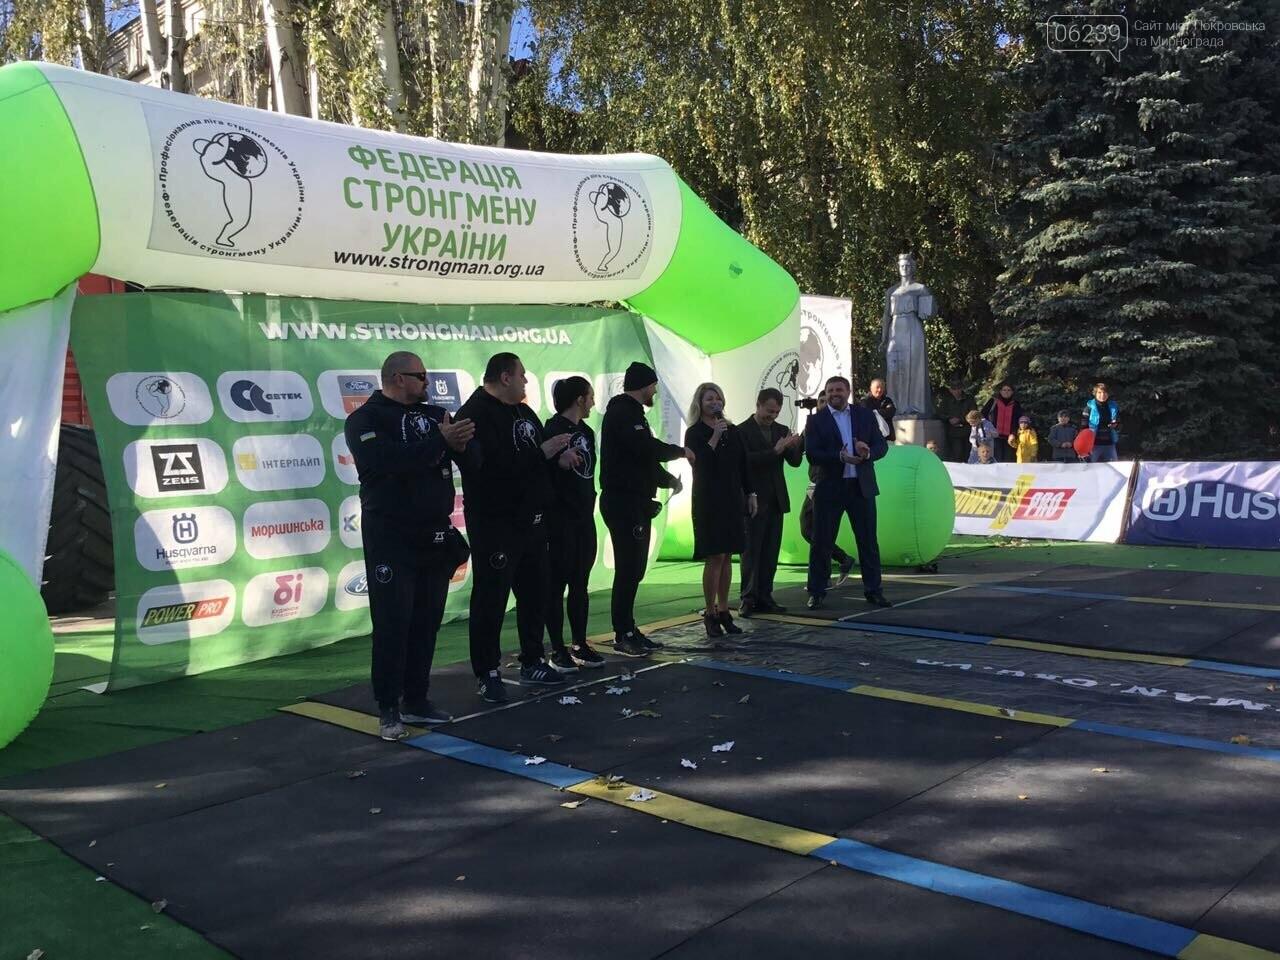 В Покровске на площади Шибанкова проходят соревнования лучших стронгменов страны, фото-2